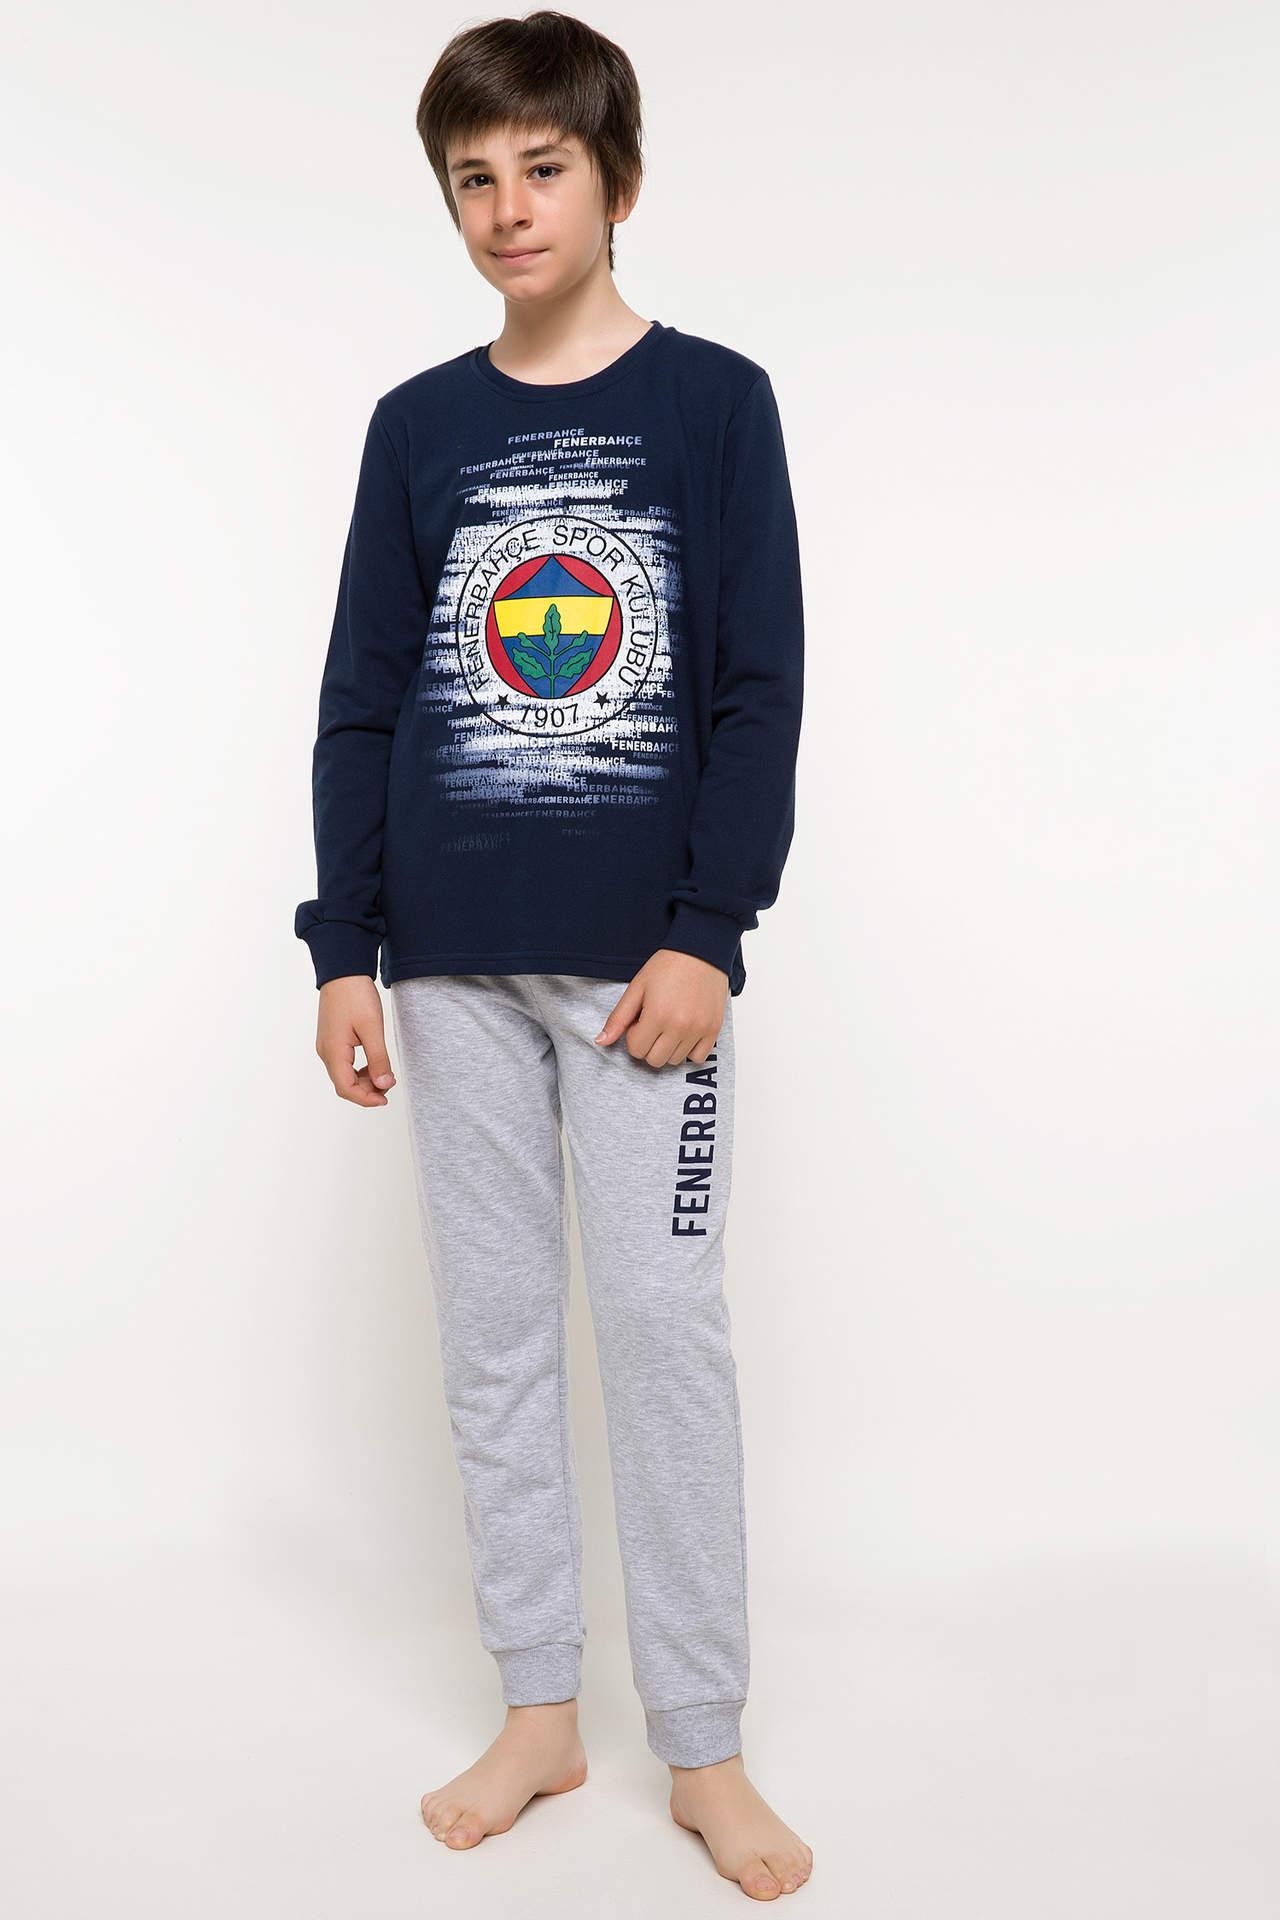 DeFacto Erkek Çocuk Dört Büyükler Lisanslı Pijama Takımı Lacivert male